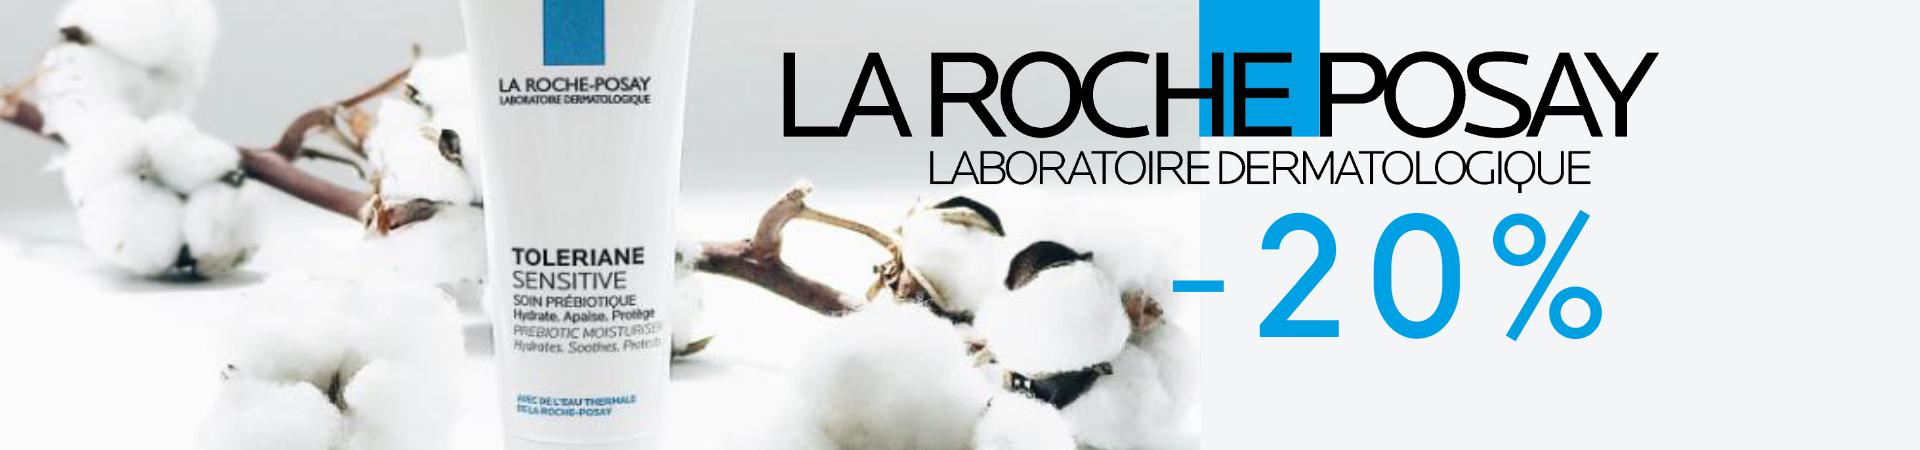 La Roche-Posay -20% nyt Karhu Apteekista